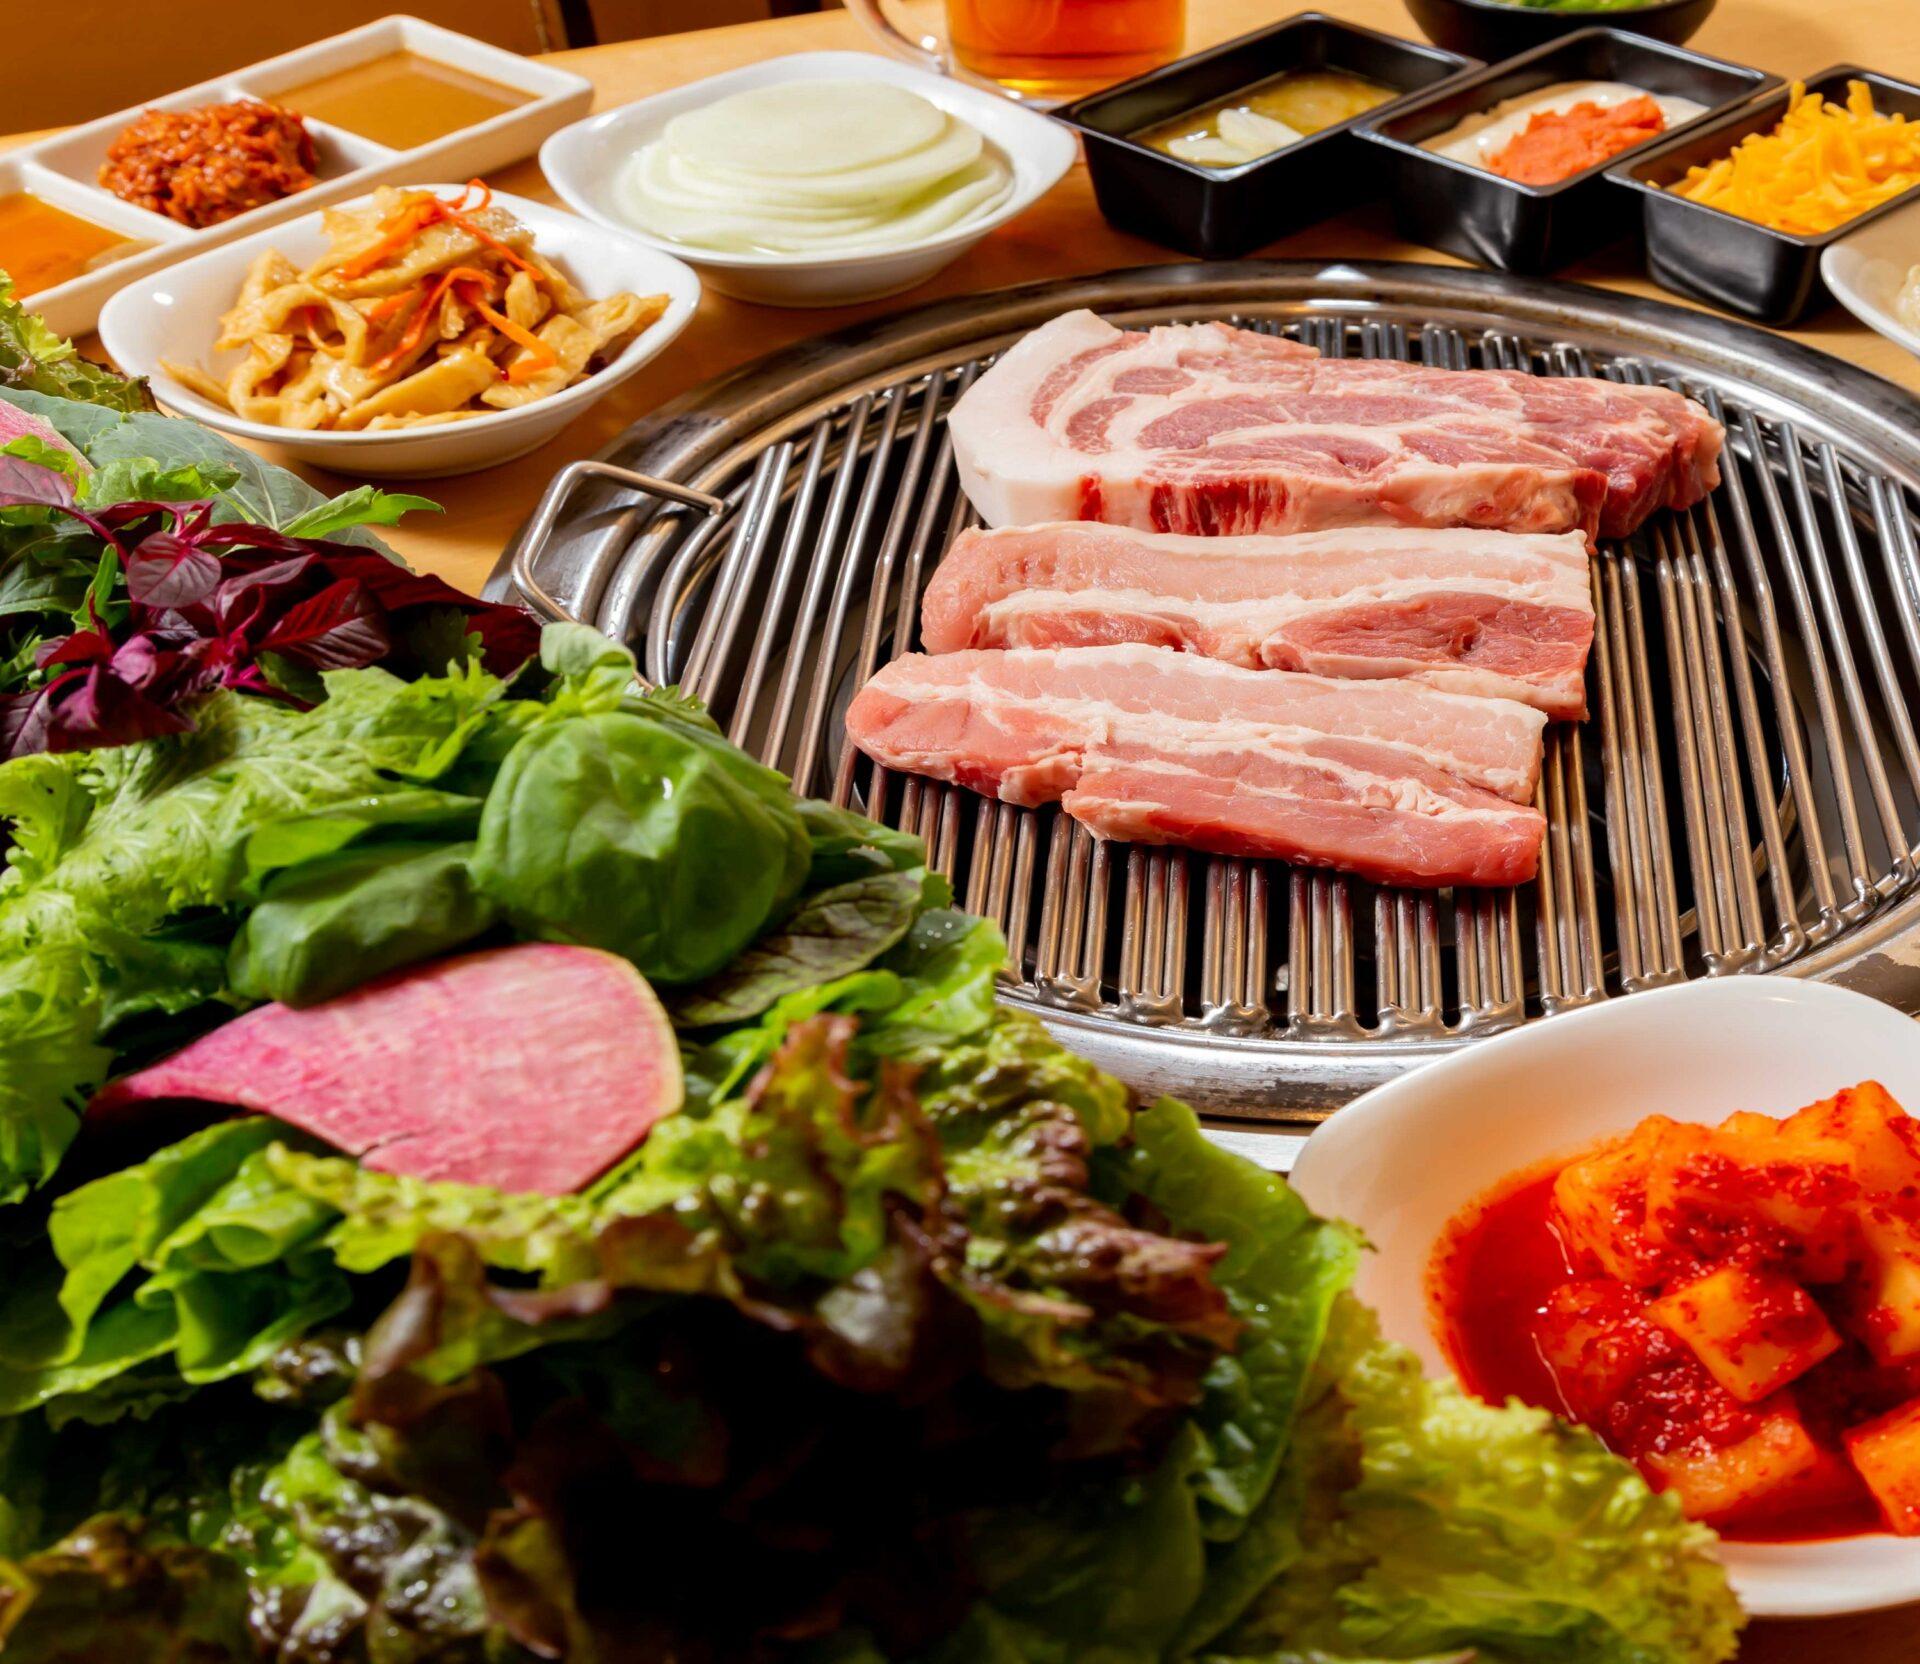 赤坂田町通りにあるサムギョプサルと新鮮野菜が楽しめる「やさい村大地 赤坂田町通り店」の「サムギョプサルと新鮮野菜」の画像